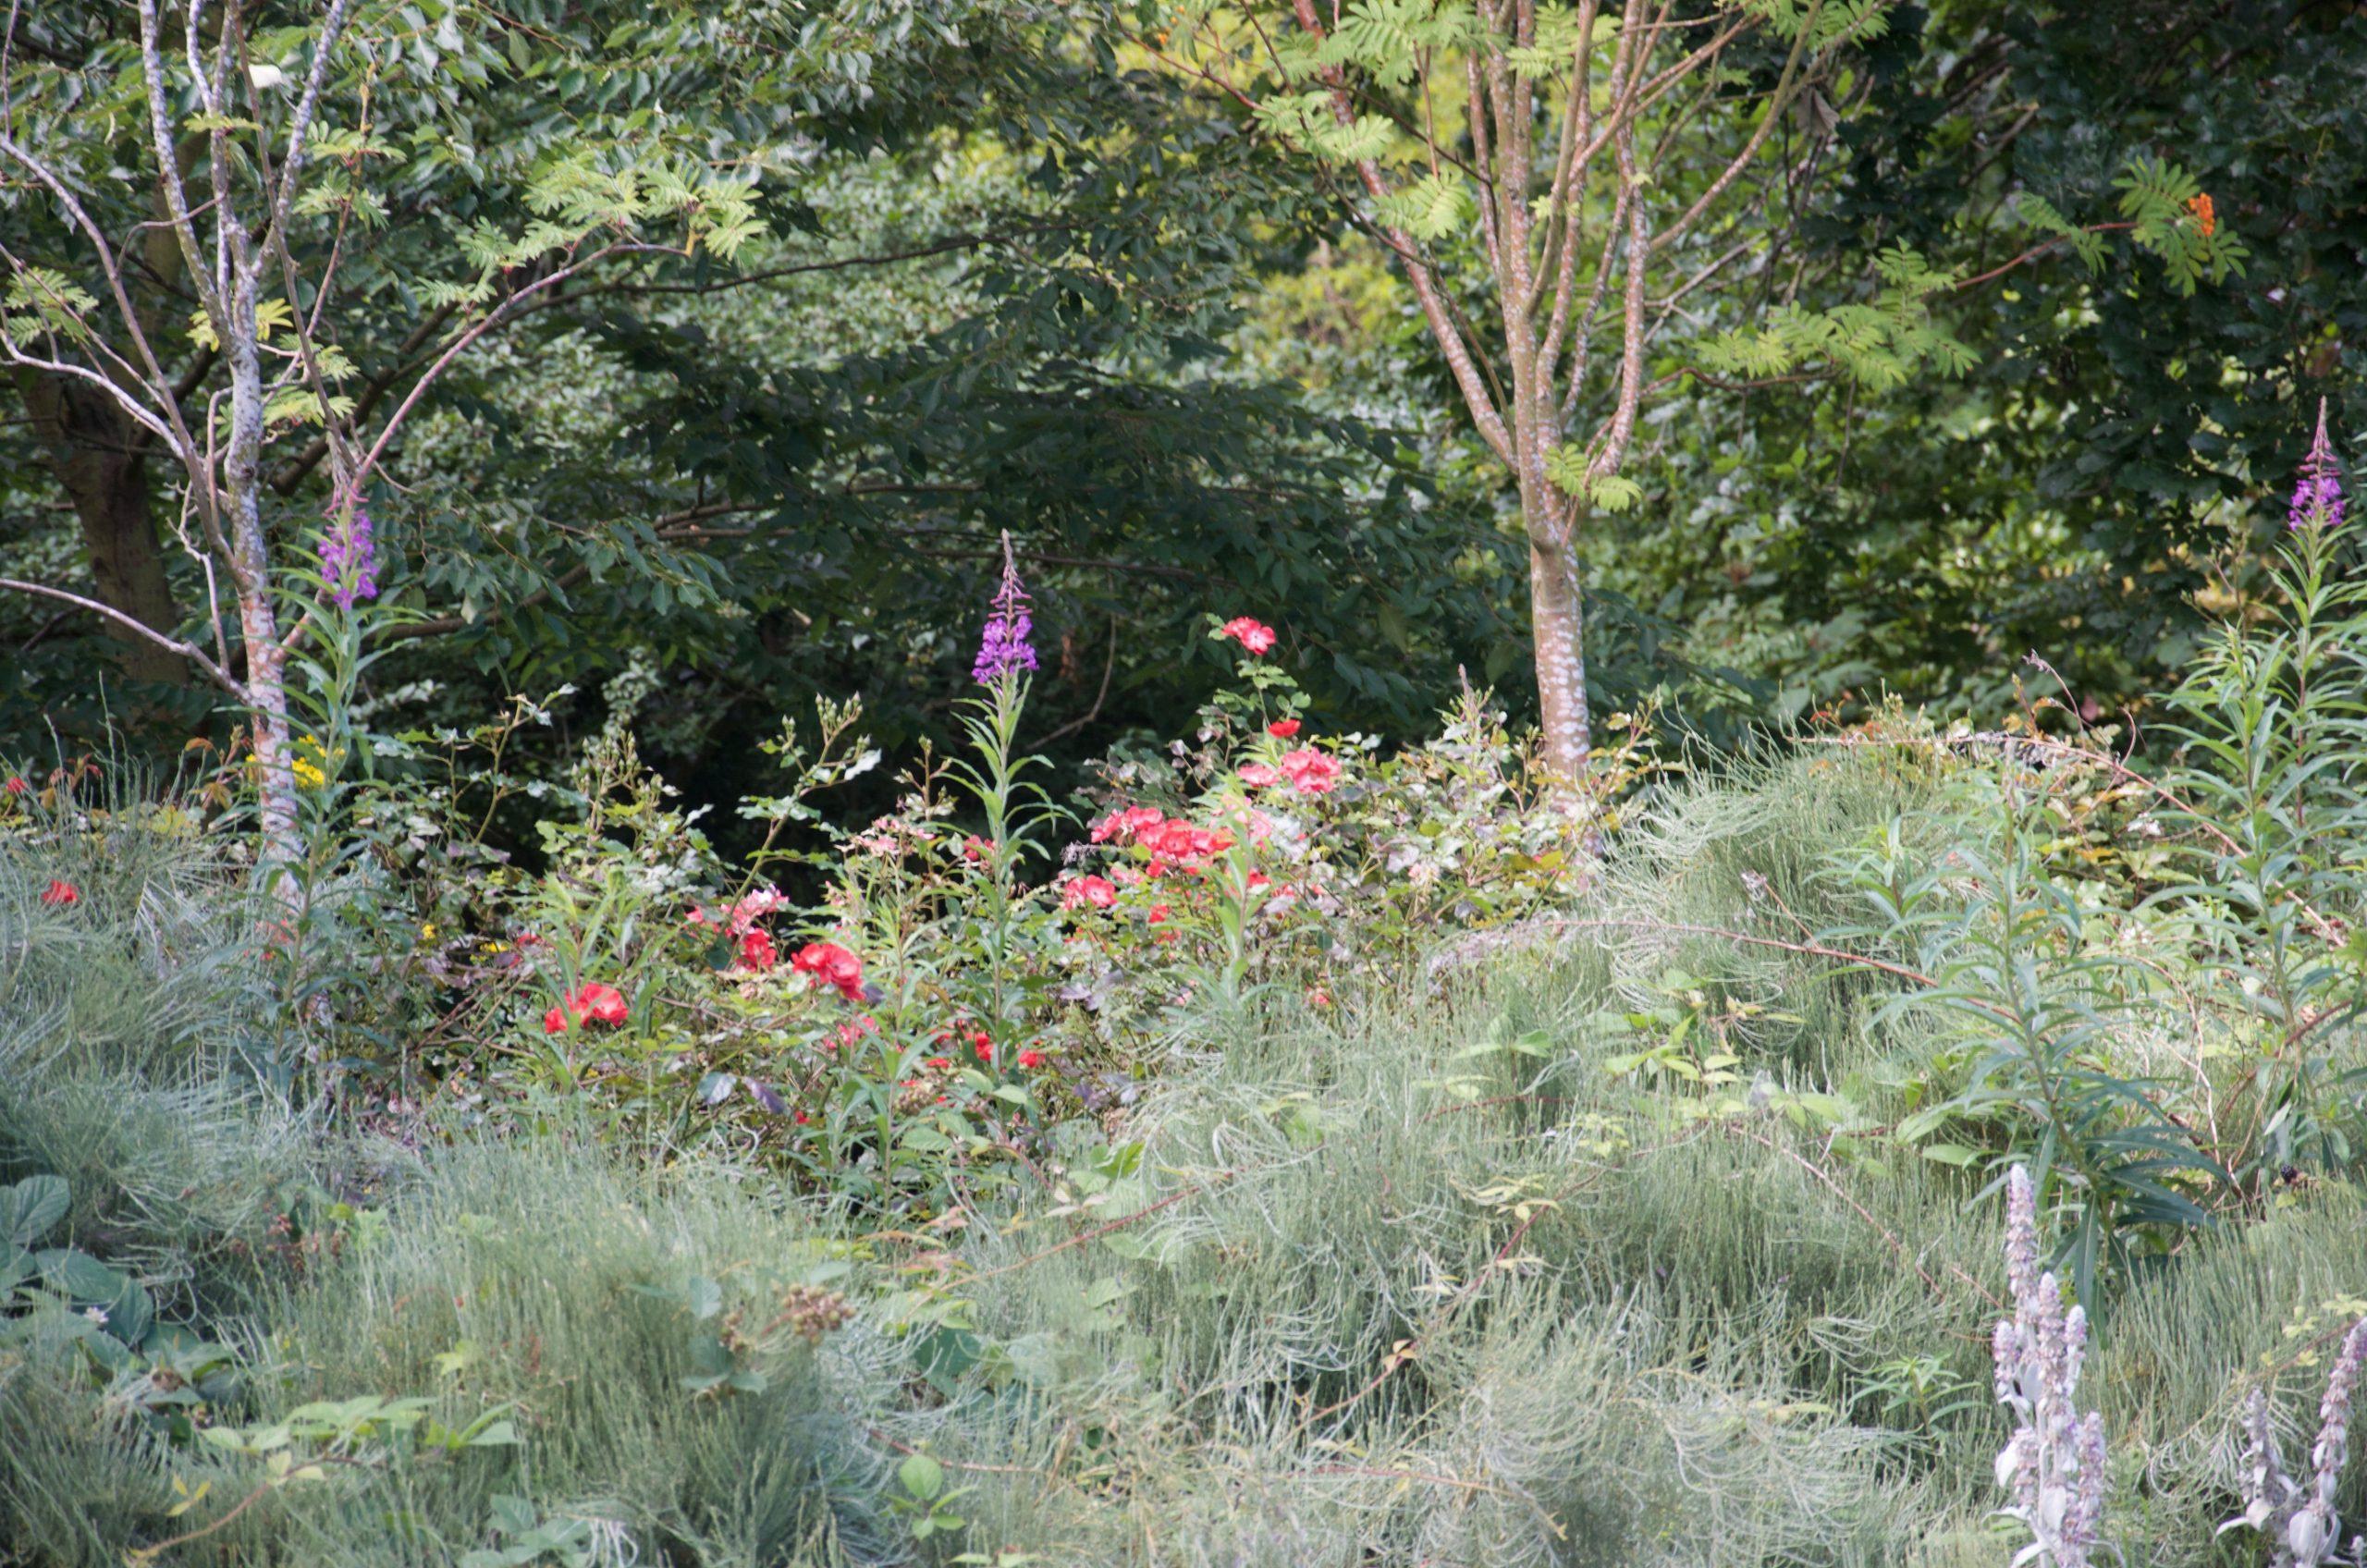 mixed foliage